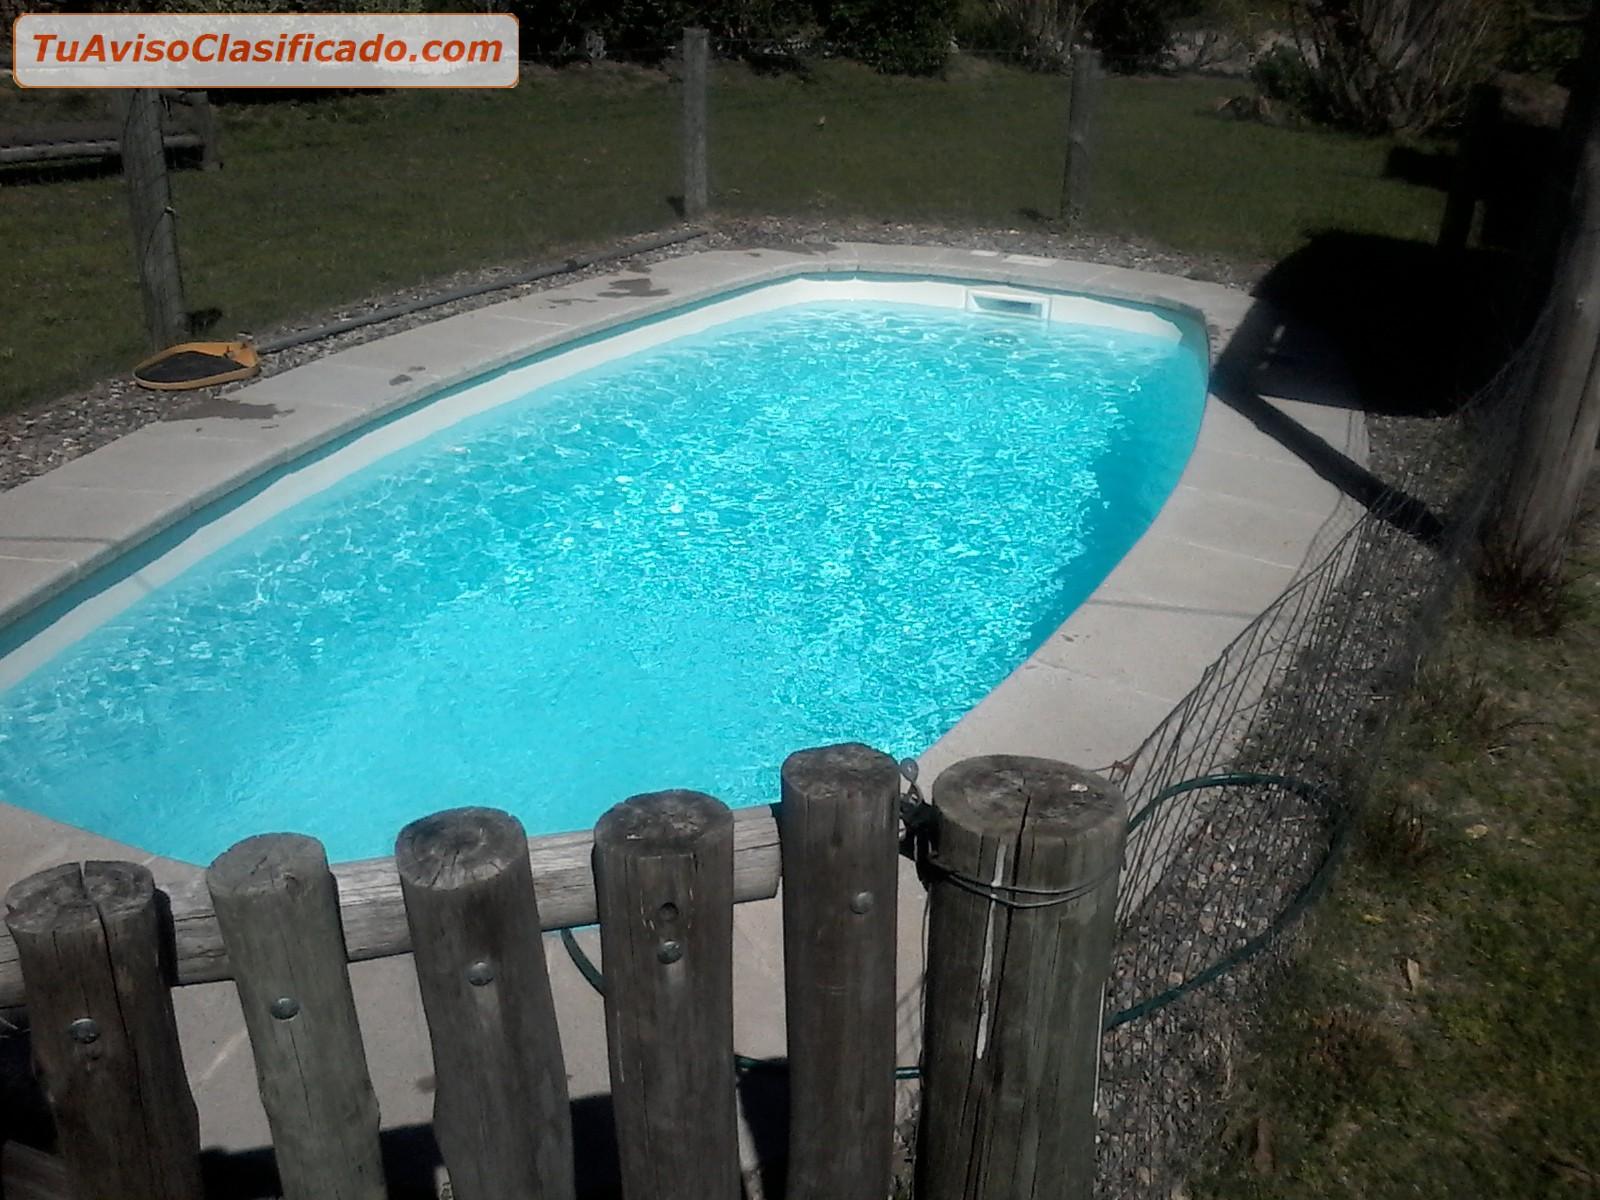 Chapa y pintura restauracion de coches antiguos - Mantenimiento de piscinas ...